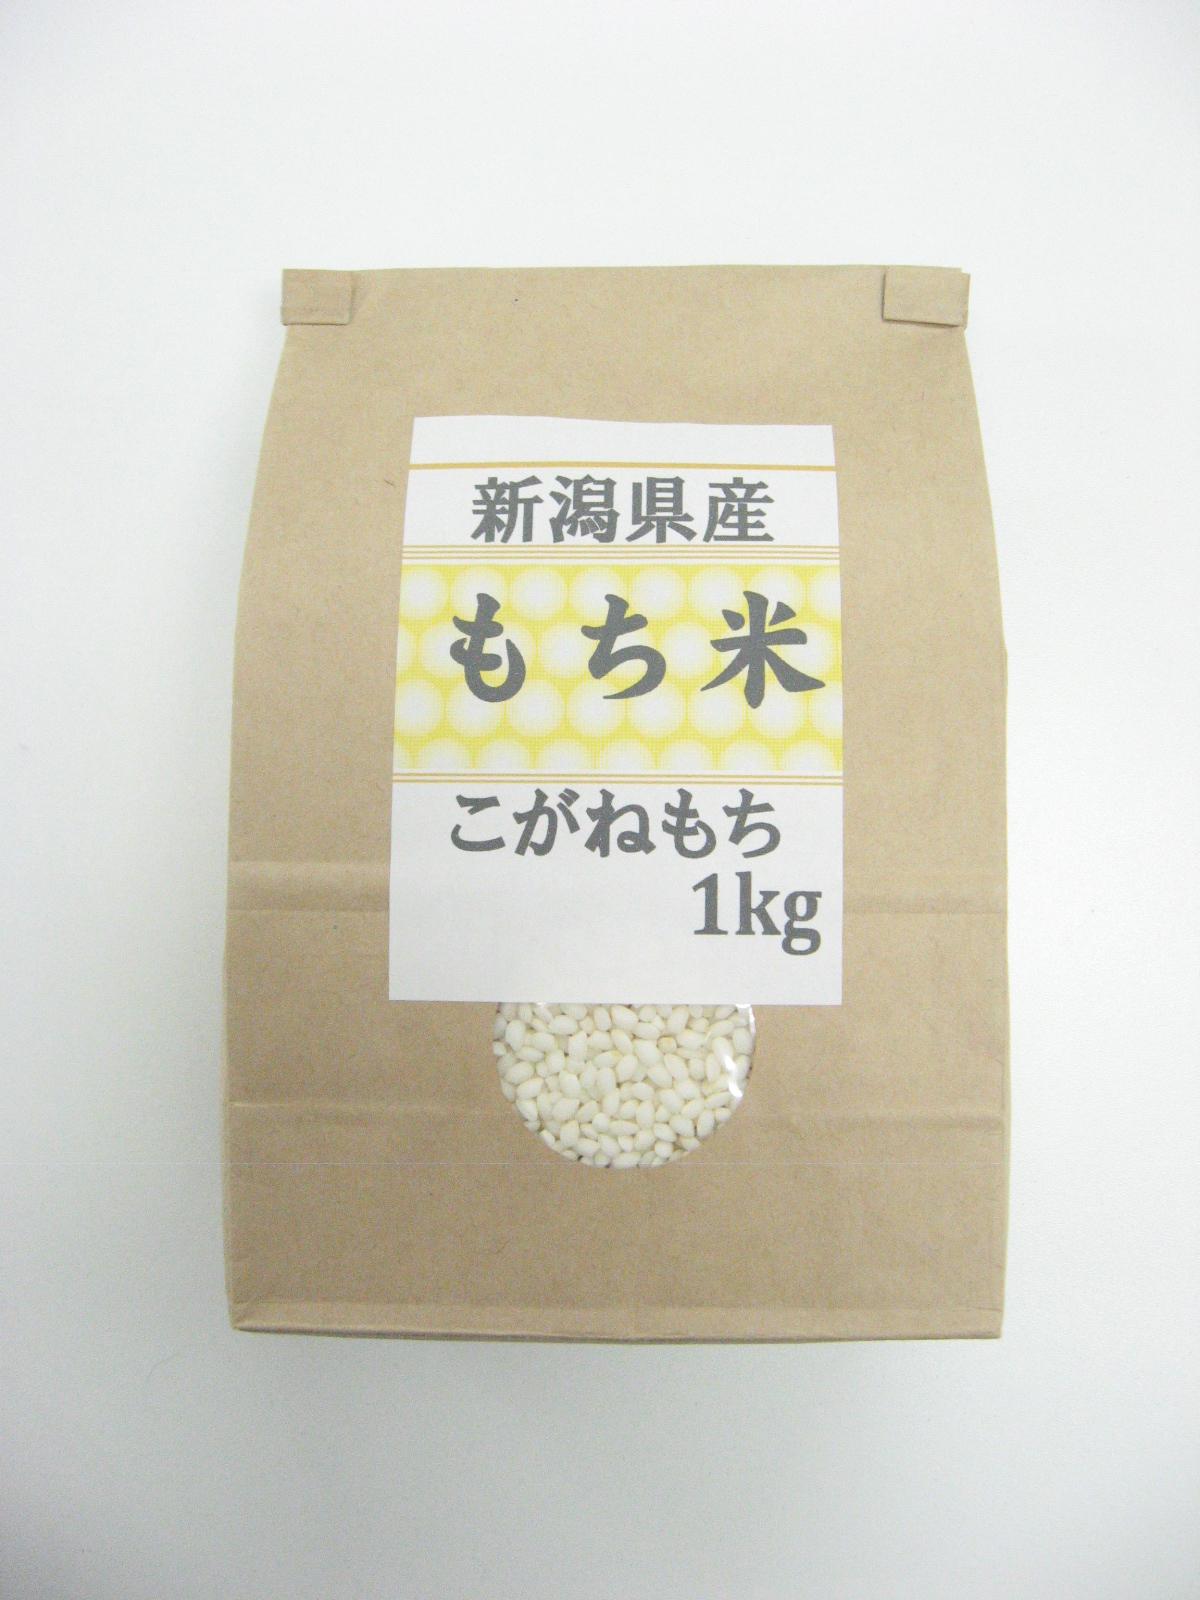 【新潟県】新潟県産こがねもち(もち米)1kg×10